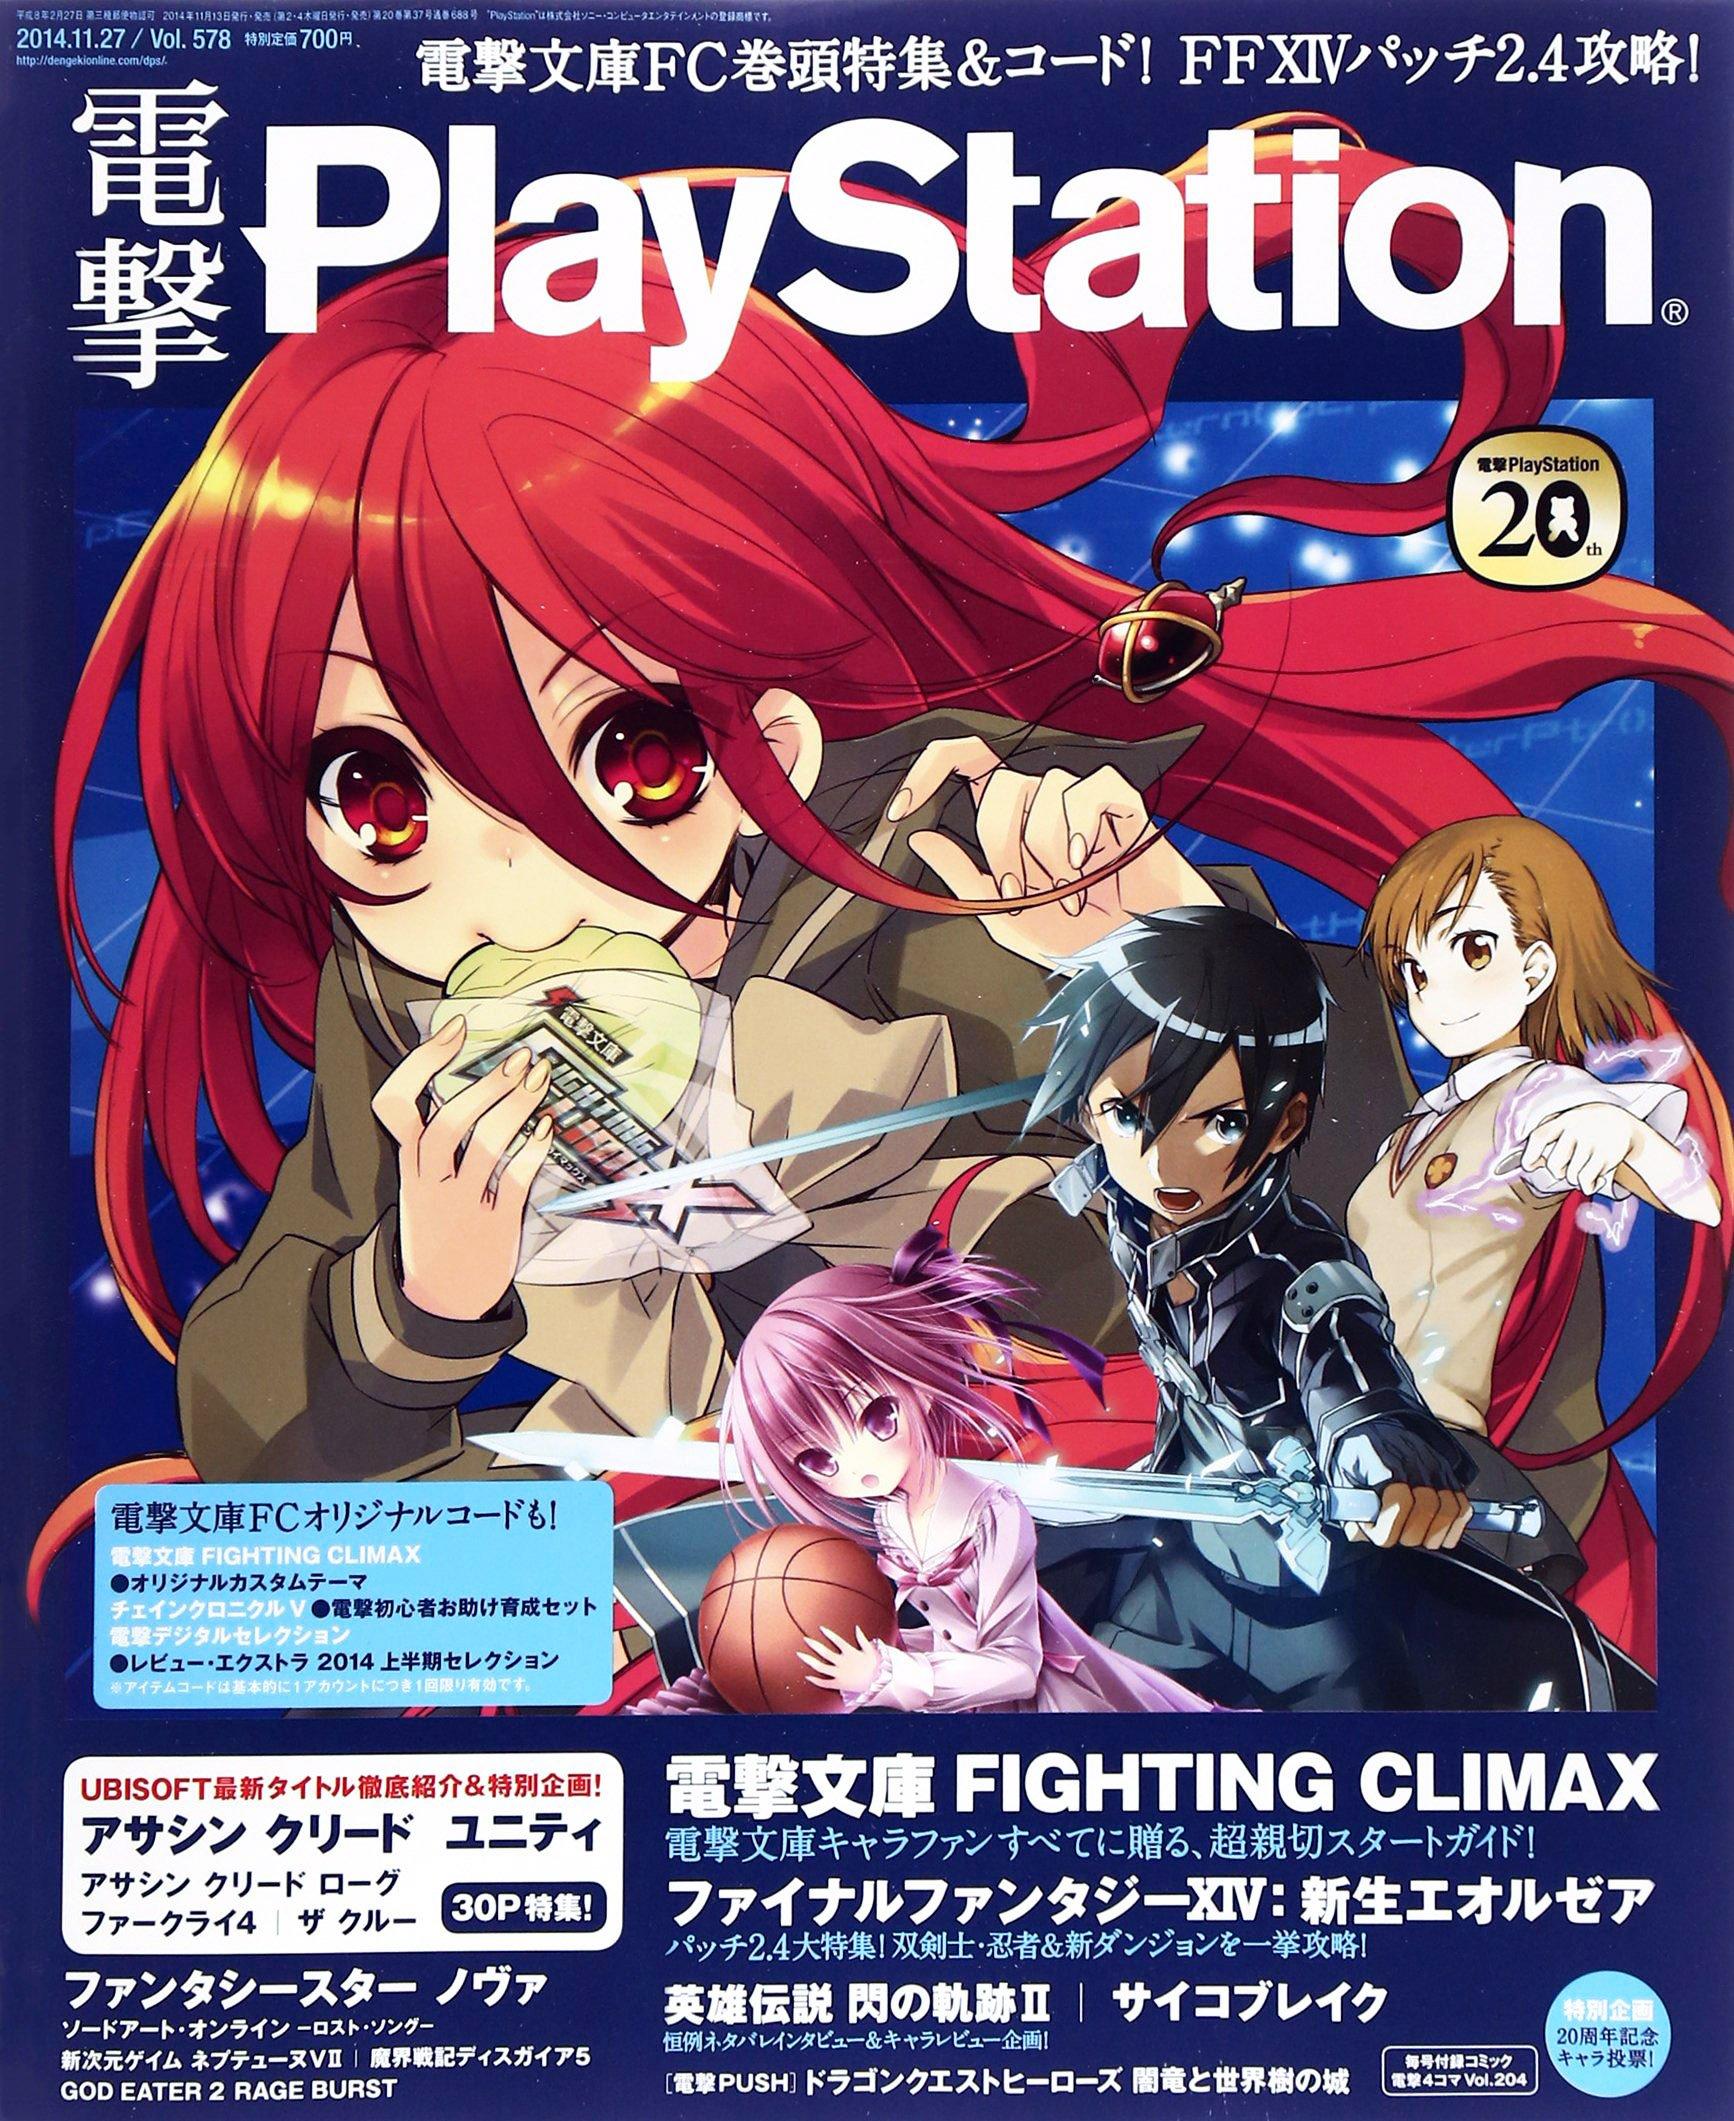 Dengeki PlayStation 578 (November 27, 2014)